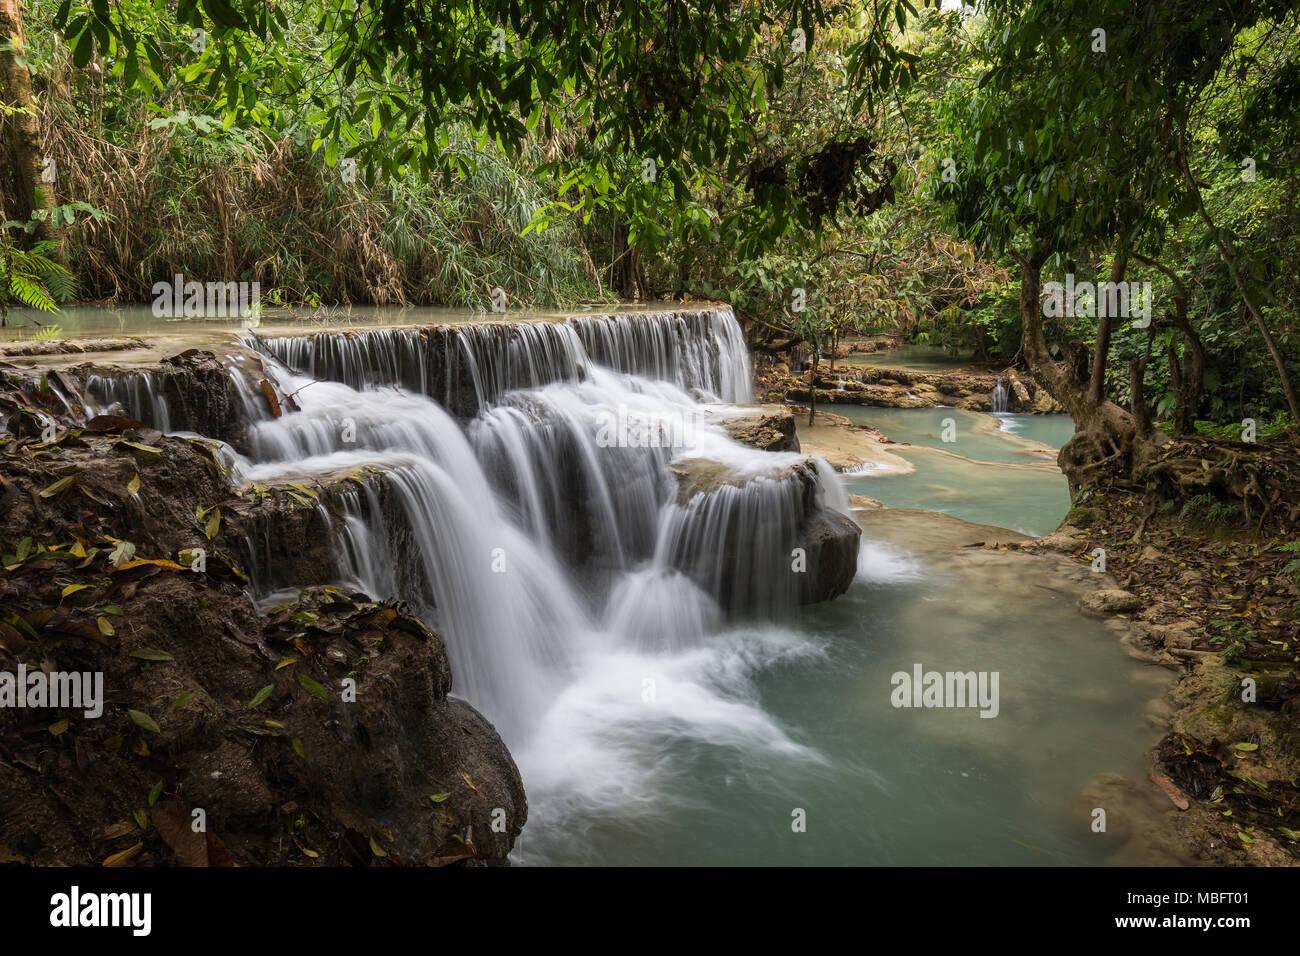 Hermosa vista de una pequeña cascada en las cascadas Tat Kuang Si cerca de Luang Prabang, en Laos. Imagen De Stock